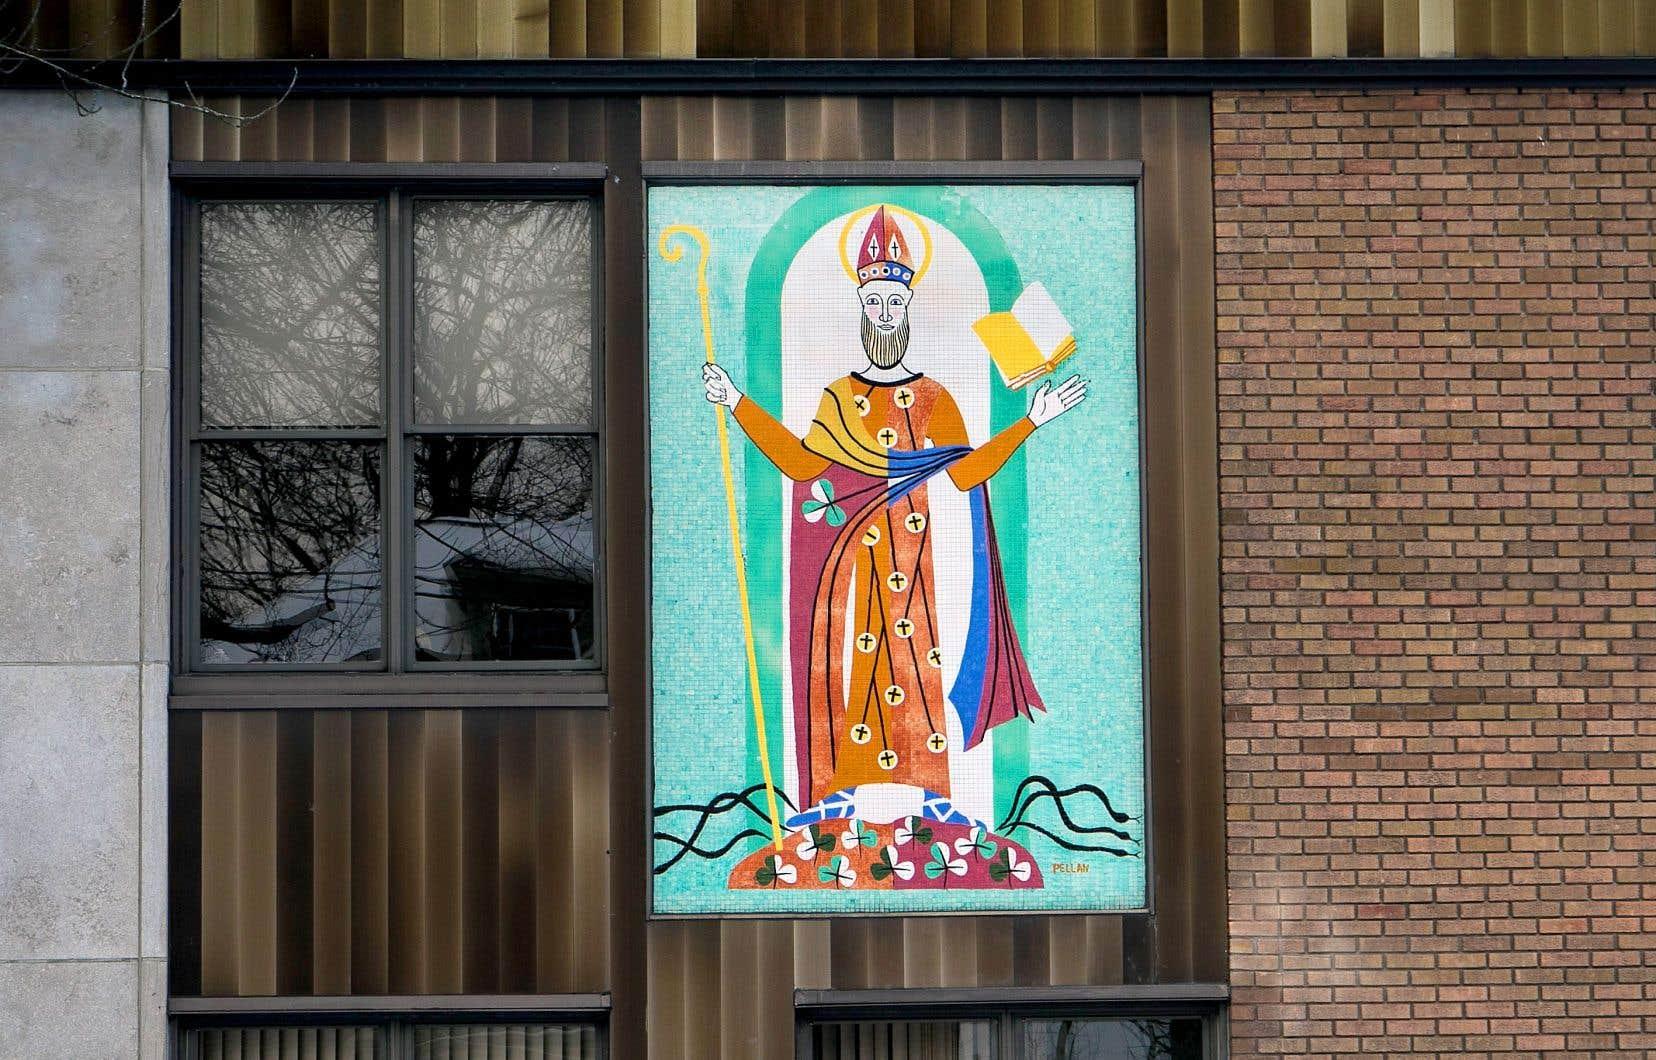 La murale conçue par Alfred Pellan en 1958 et installée sur la façade du 142, rue Dufferin, à Granby, représente un saint Patrick stylisé, réalisé sous forme de mosaïque.